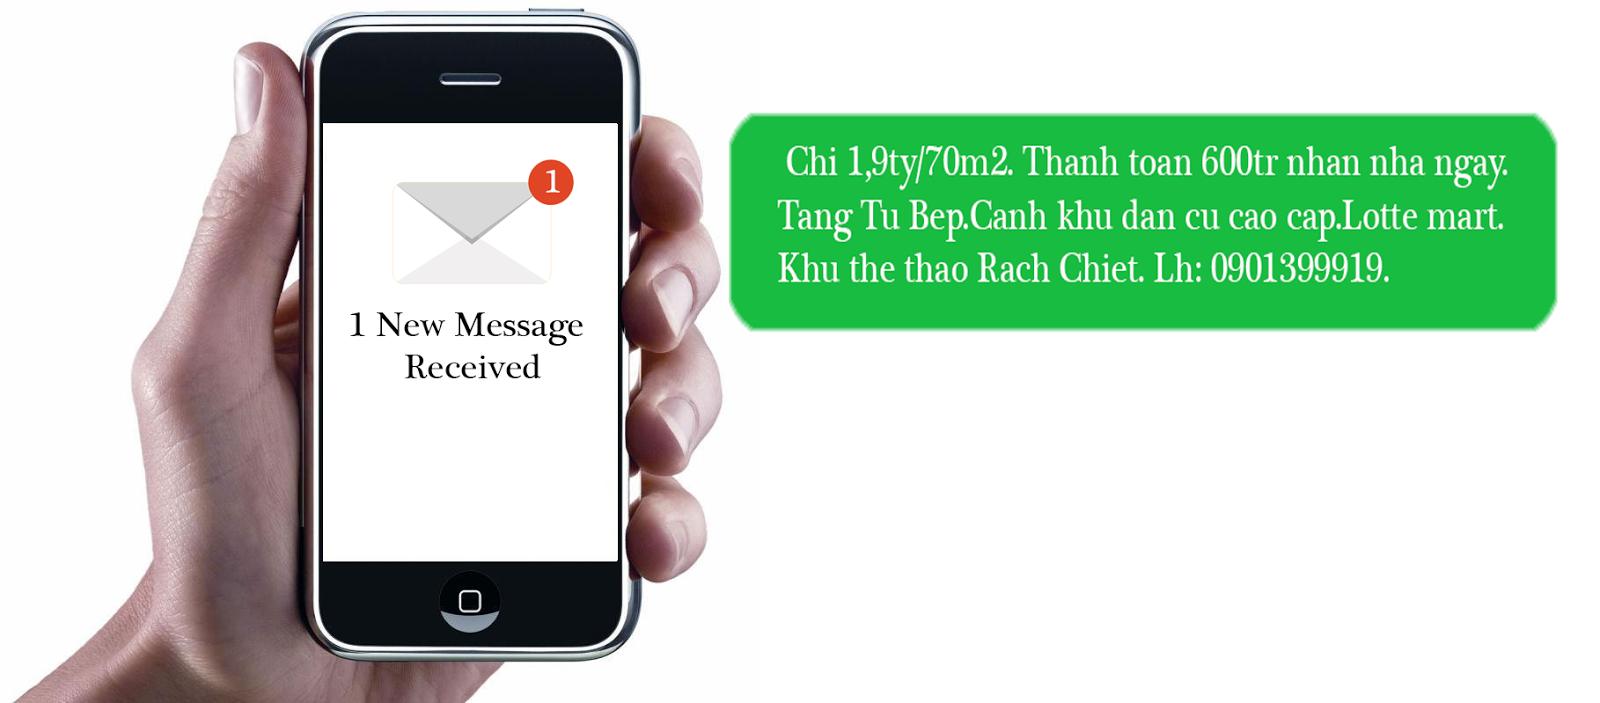 Tin nhắn xếp hình Đẹp và Kute nhất, Tin nhắn sms xếp hình